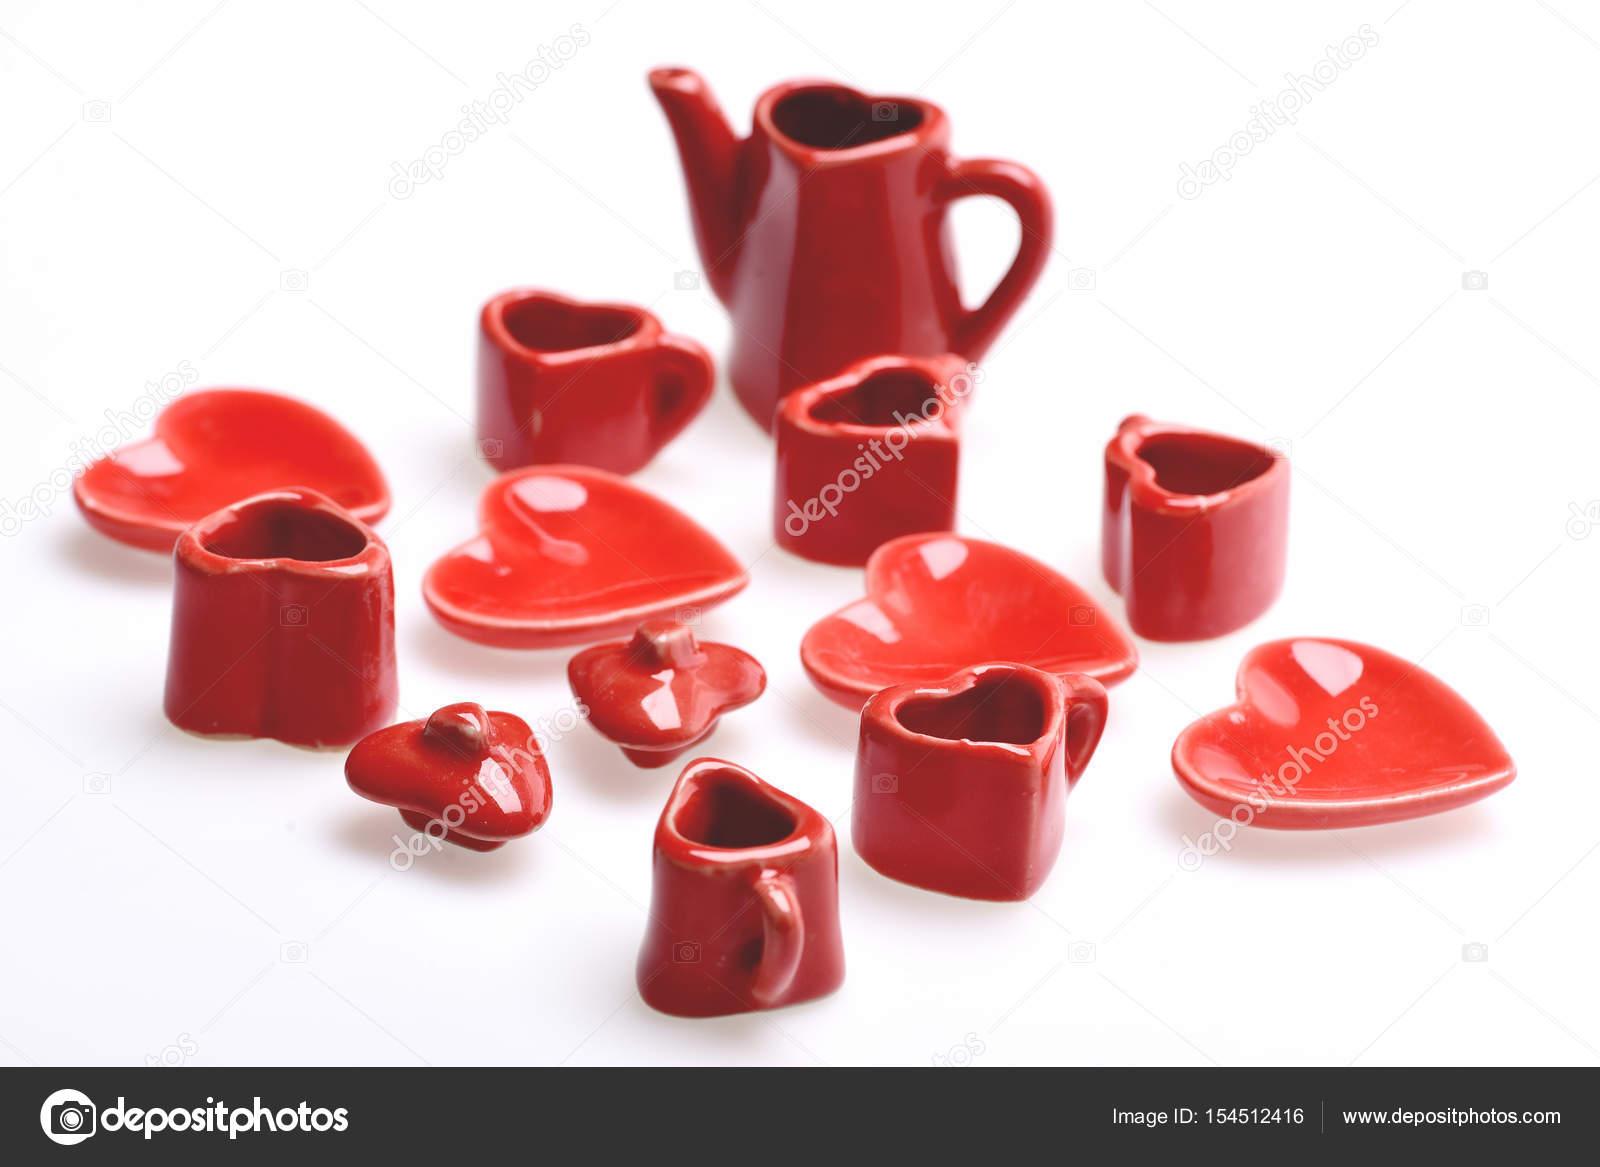 Zabawka Kuchnia Historie Przedstawiona Przez Male Czerwone Naczynia